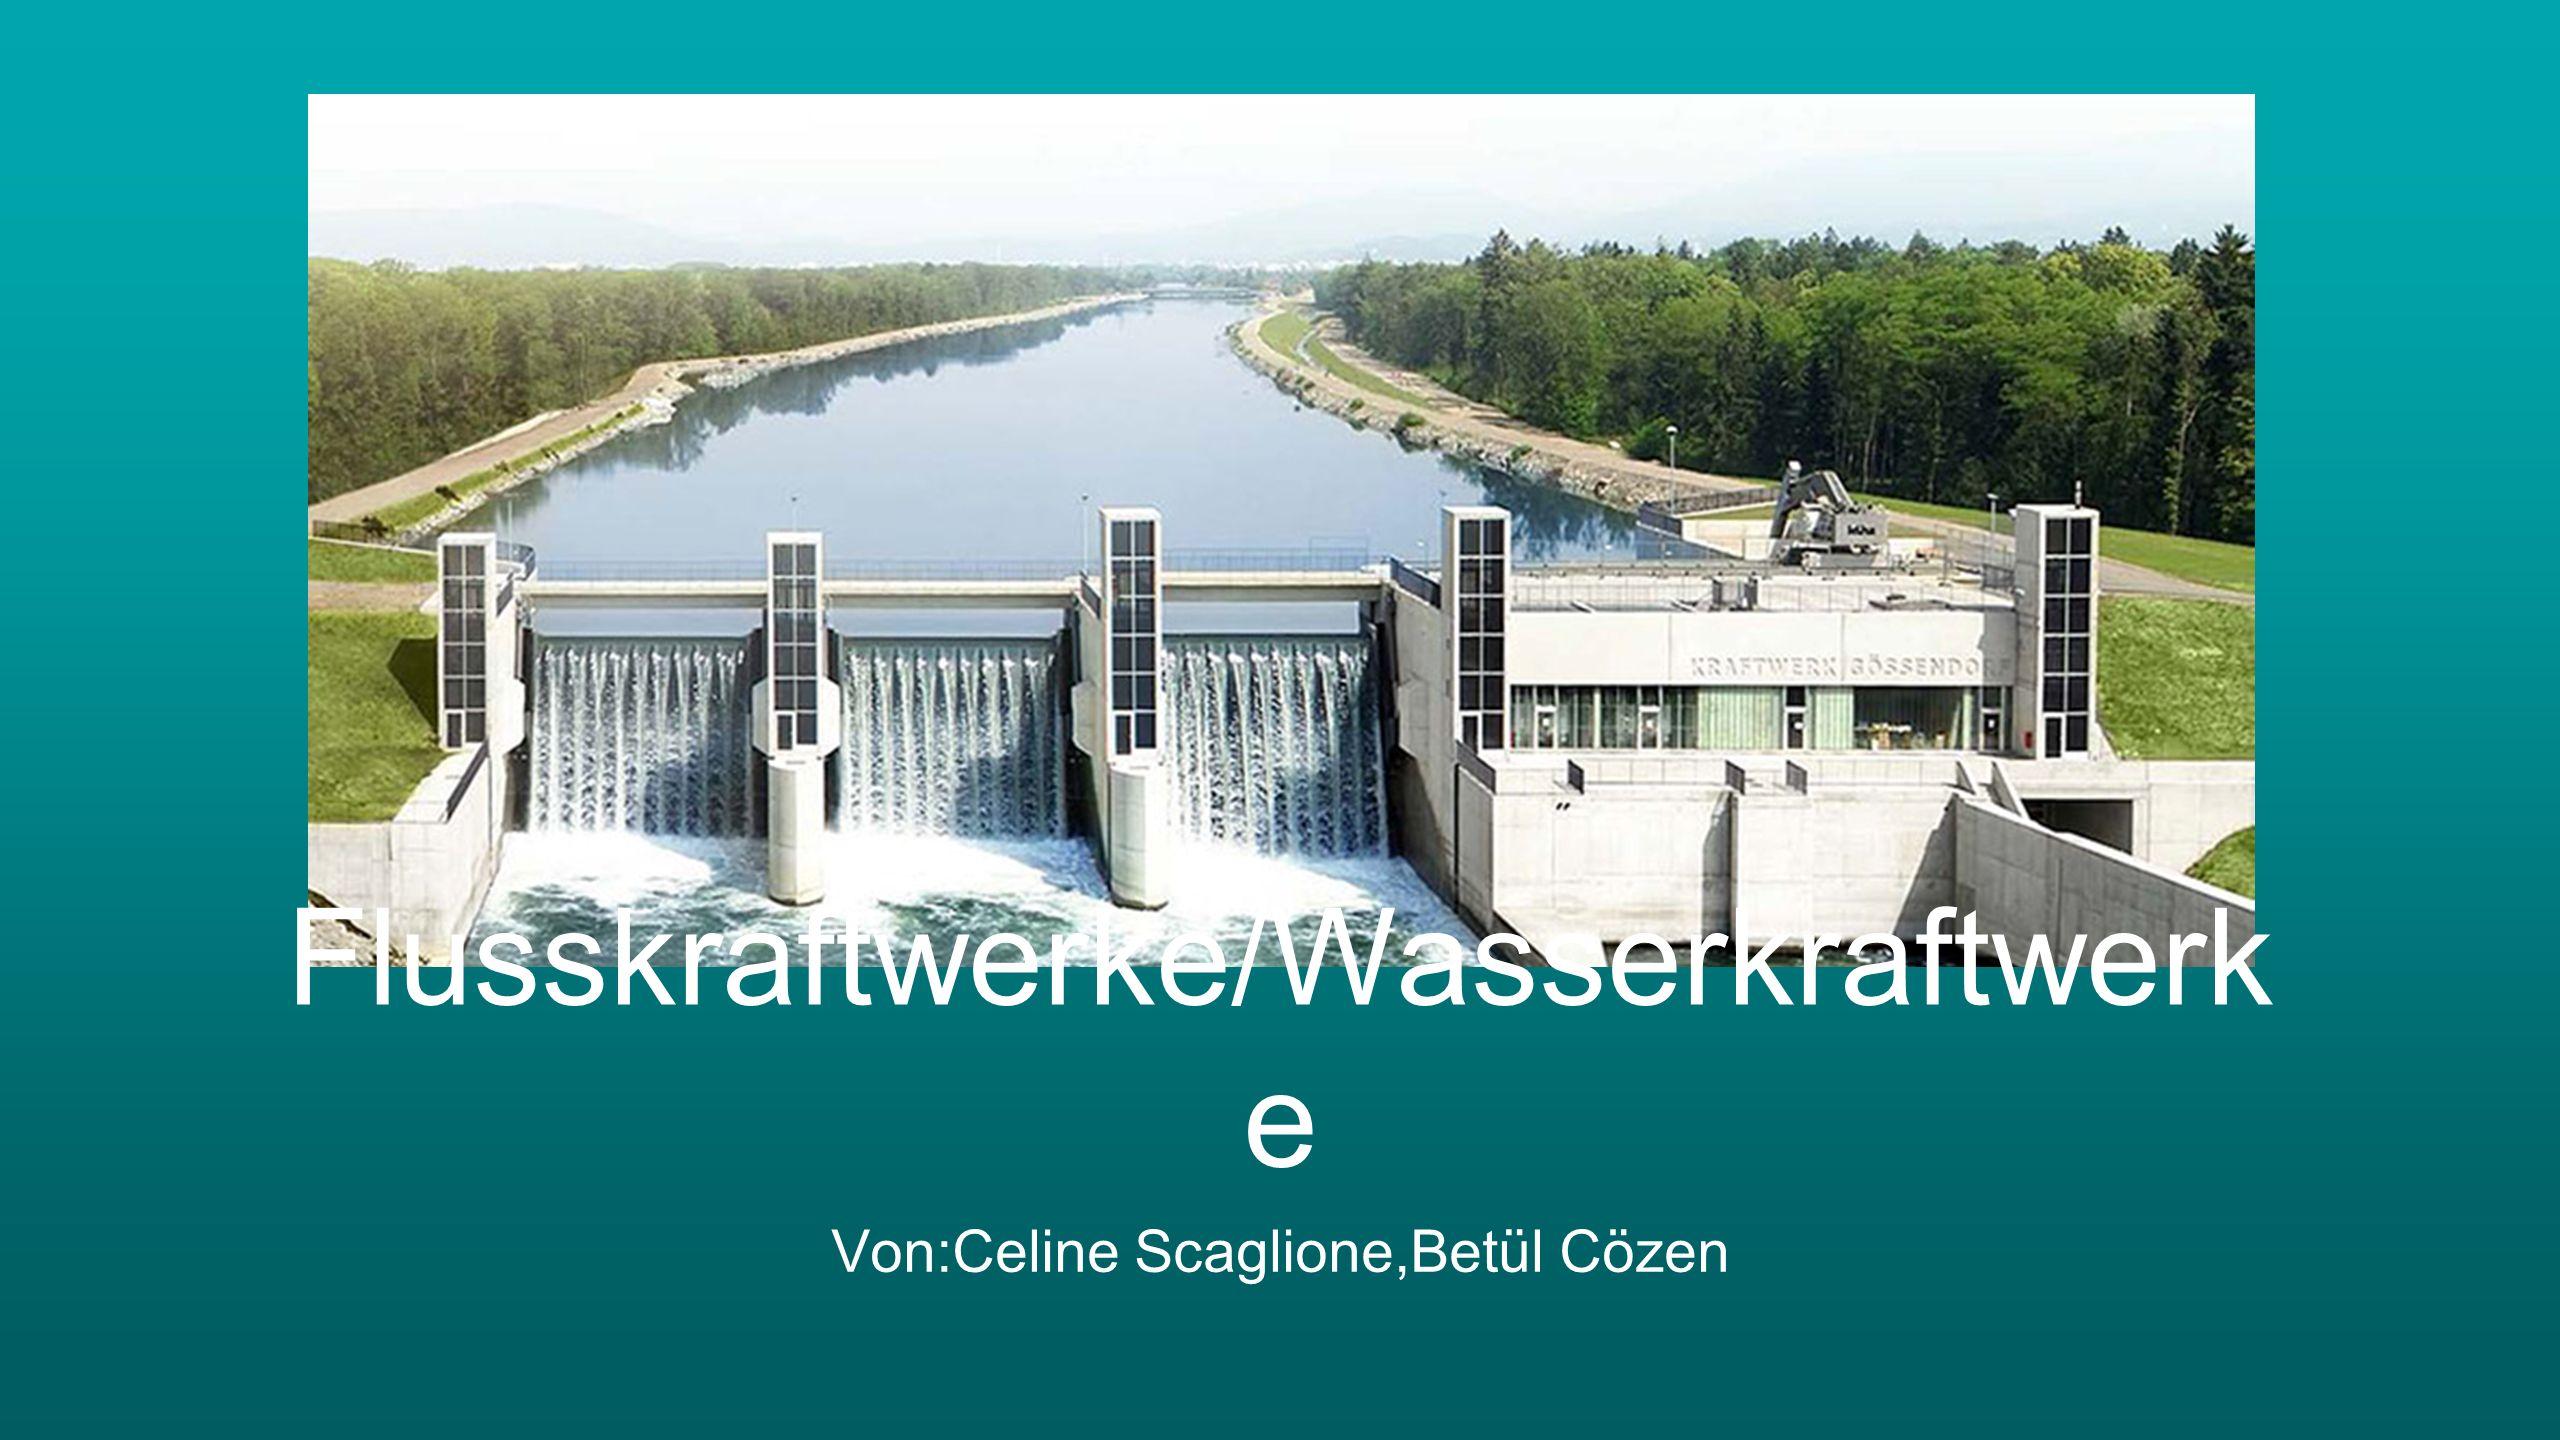 Flusskraftwerke/Wasserkraftwerke